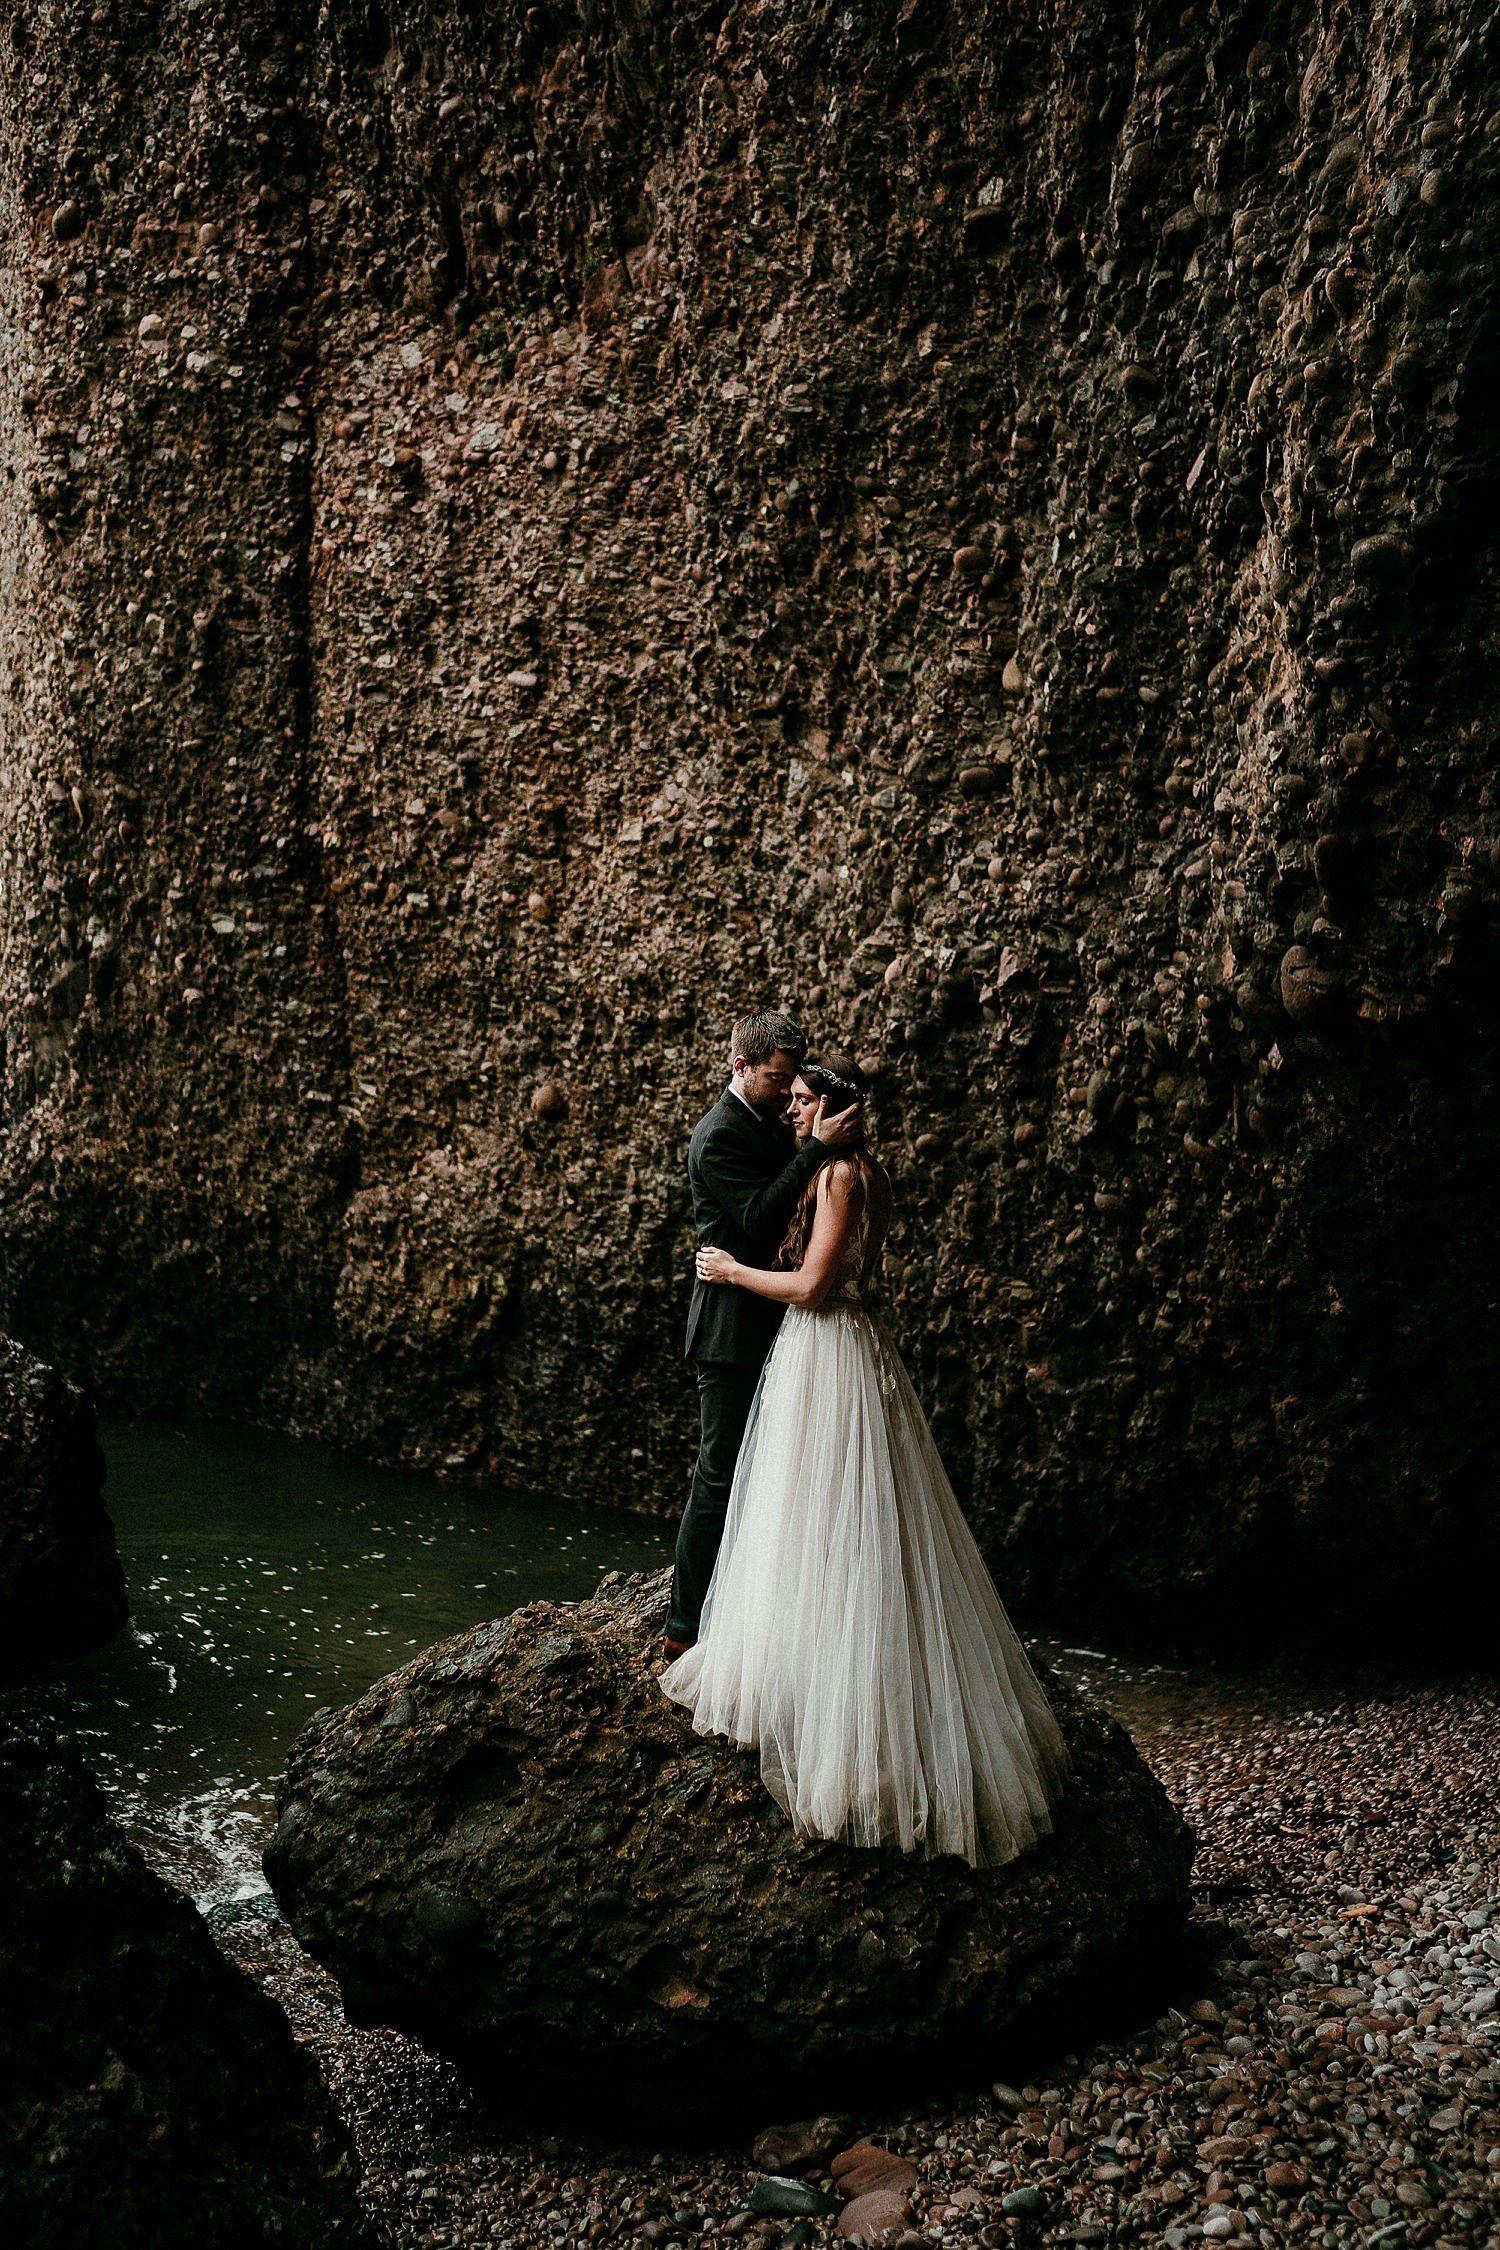 Jordan Jacy S Northern Ireland Elopement Intimate Wedding